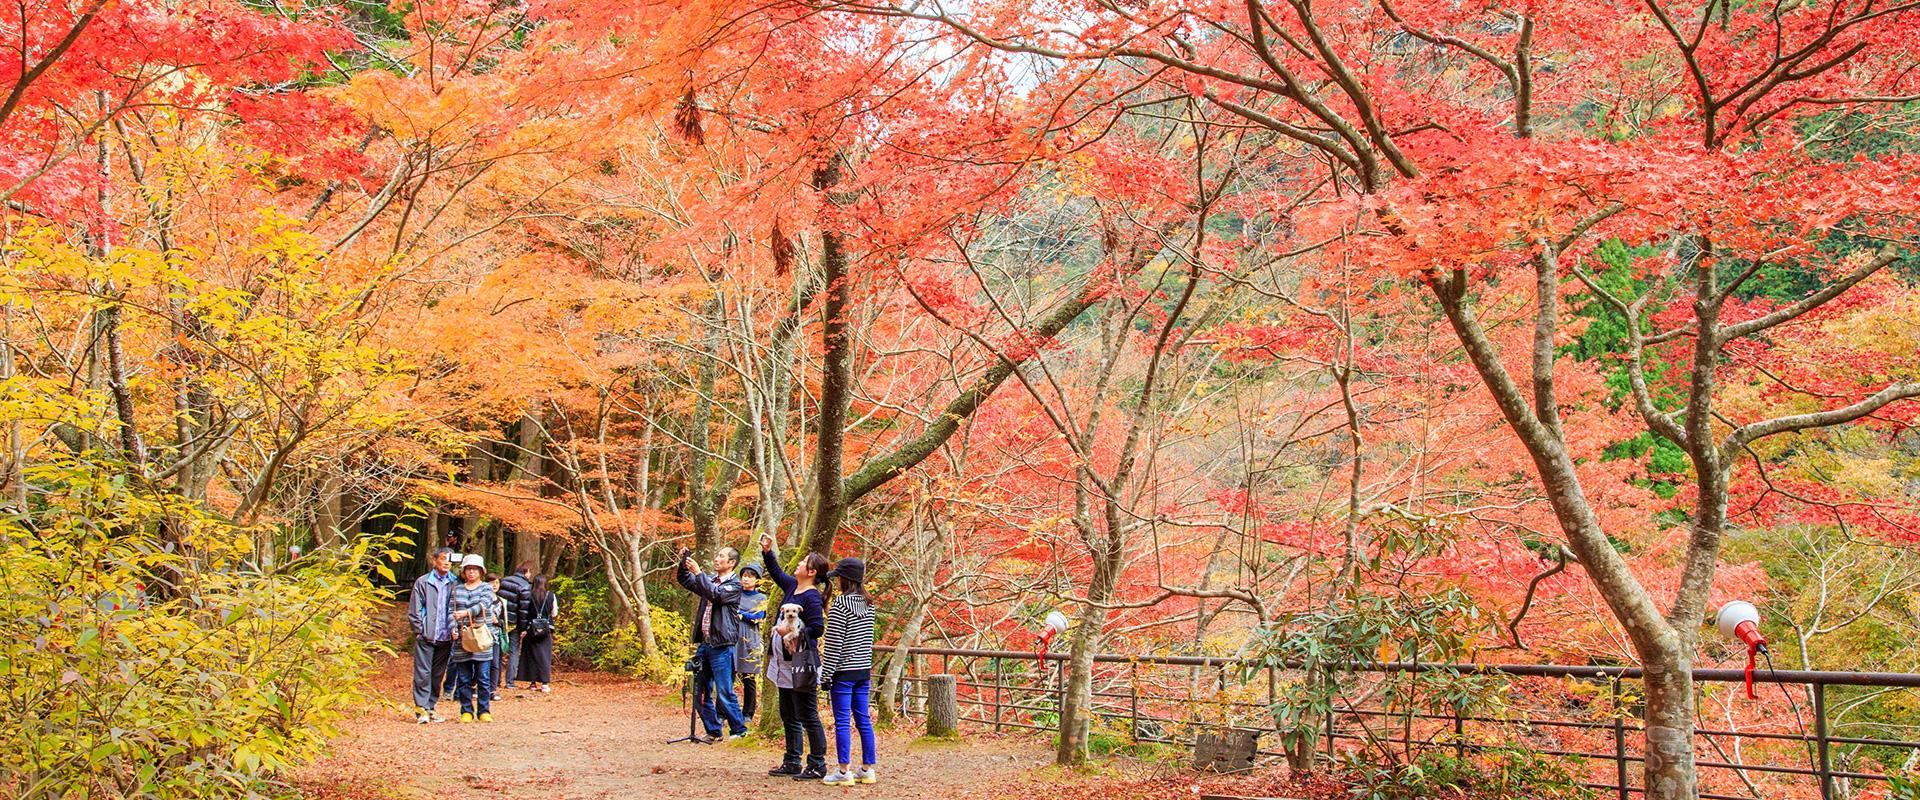 岡山で絶対見ておくべき紅葉スポット10選|旬のおすすめ-特集 ...